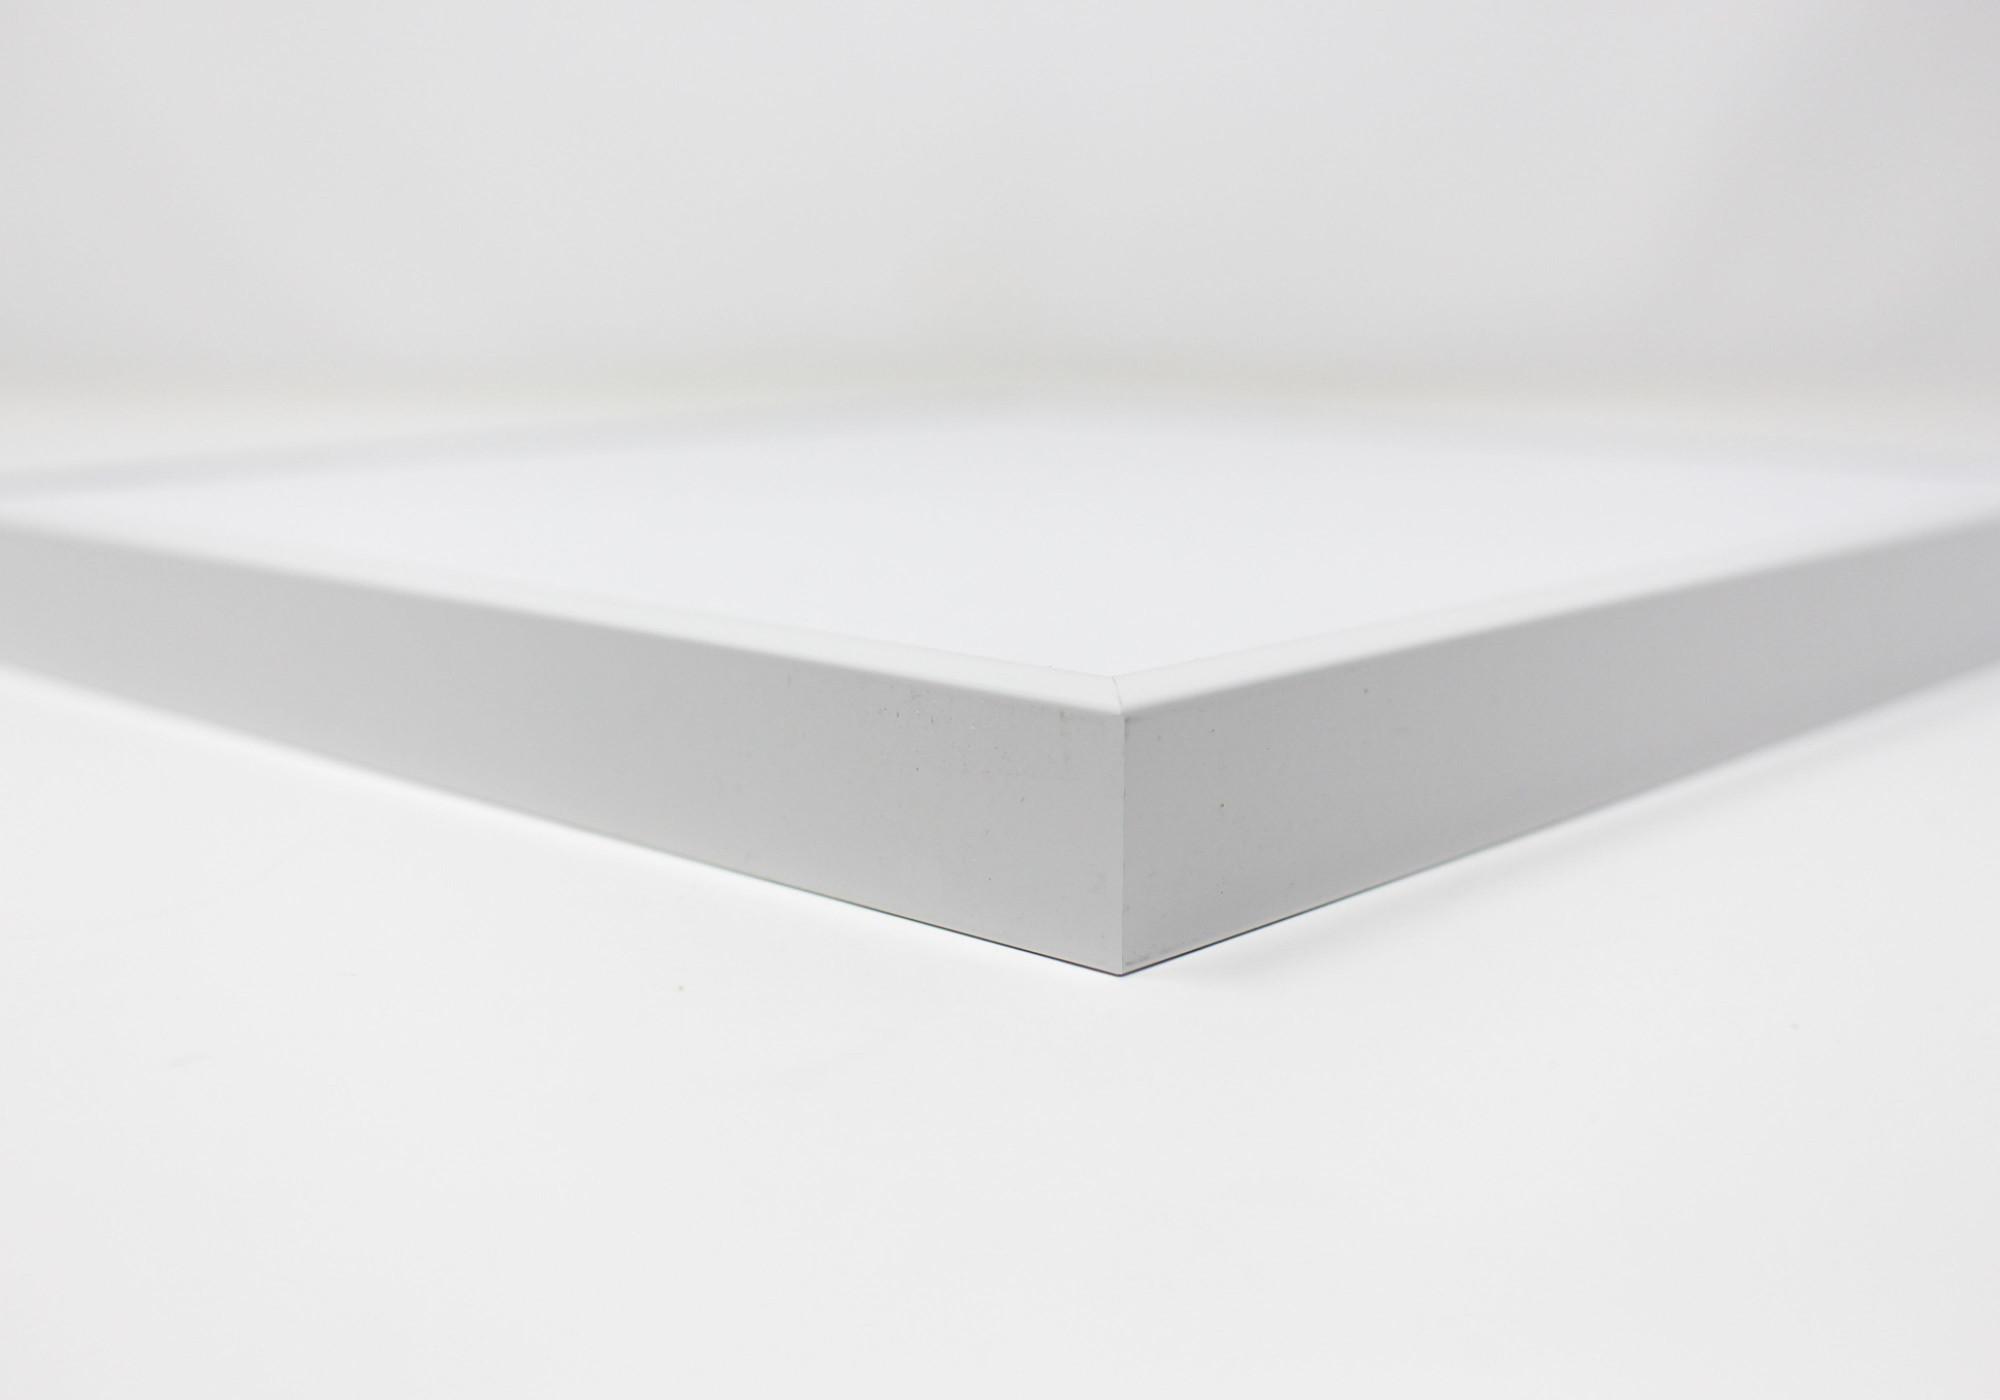 Détails cadre carré blanc au format 20x20cm